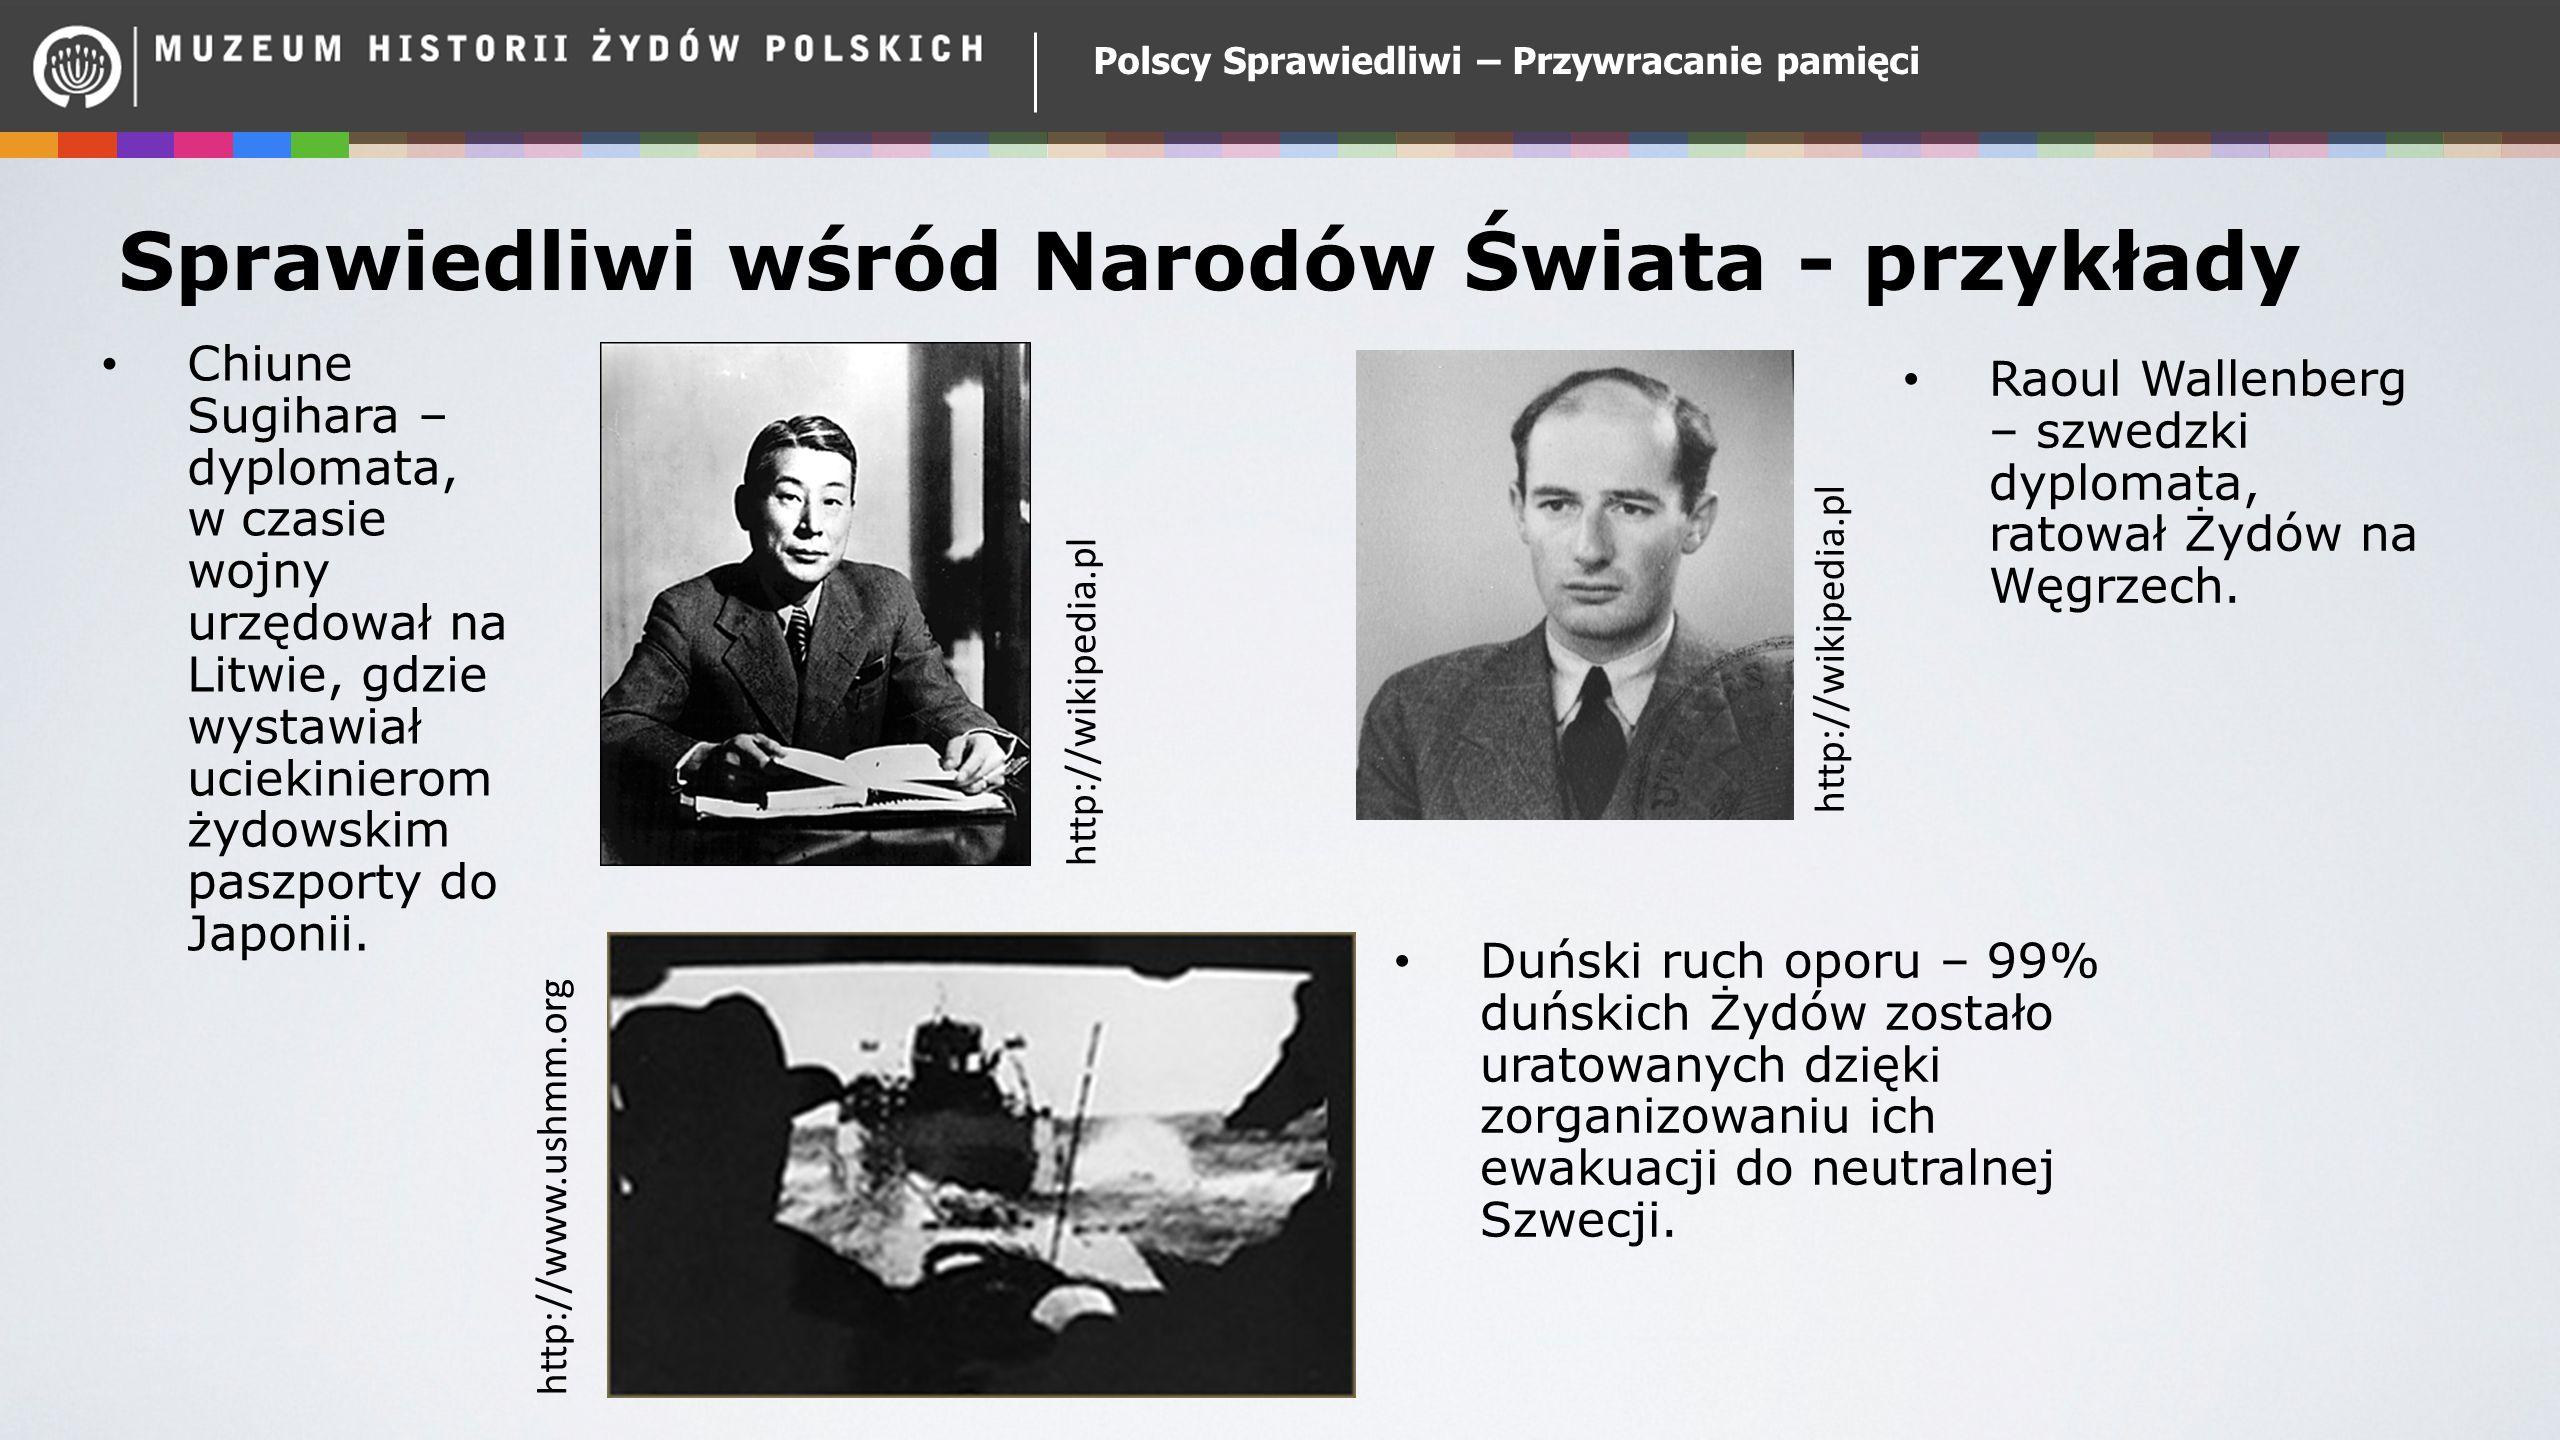 Polscy Sprawiedliwi – Przywracanie pamięci Sprawiedliwi wśród Narodów Świata - przykłady Chiune Sugihara – dyplomata, w czasie wojny urzędował na Litwie, gdzie wystawiał uciekinierom żydowskim paszporty do Japonii.